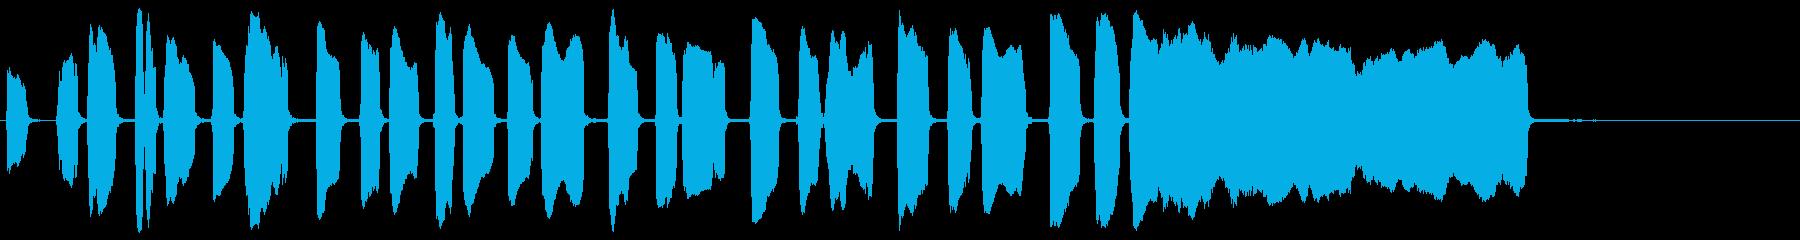 トランペット:コミカルスクワッキー...の再生済みの波形